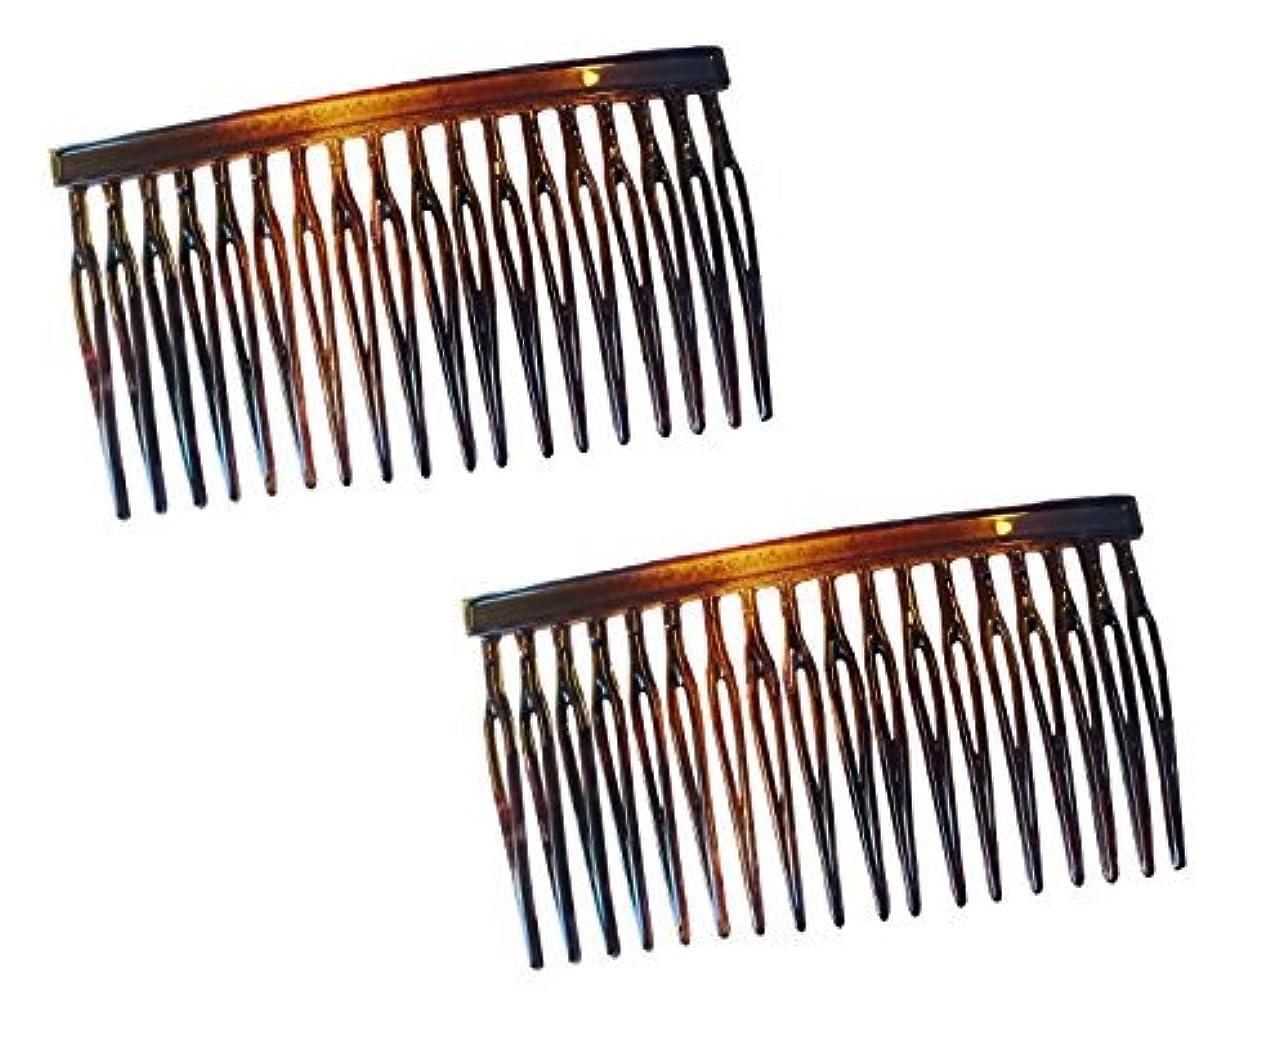 対抗拍手迫害Parcelona French Light 2 Pieces Small Glossy Celluloid Shell Good Grip Updo 18 Teeth Side Hair Comb Combs [並行輸入品]